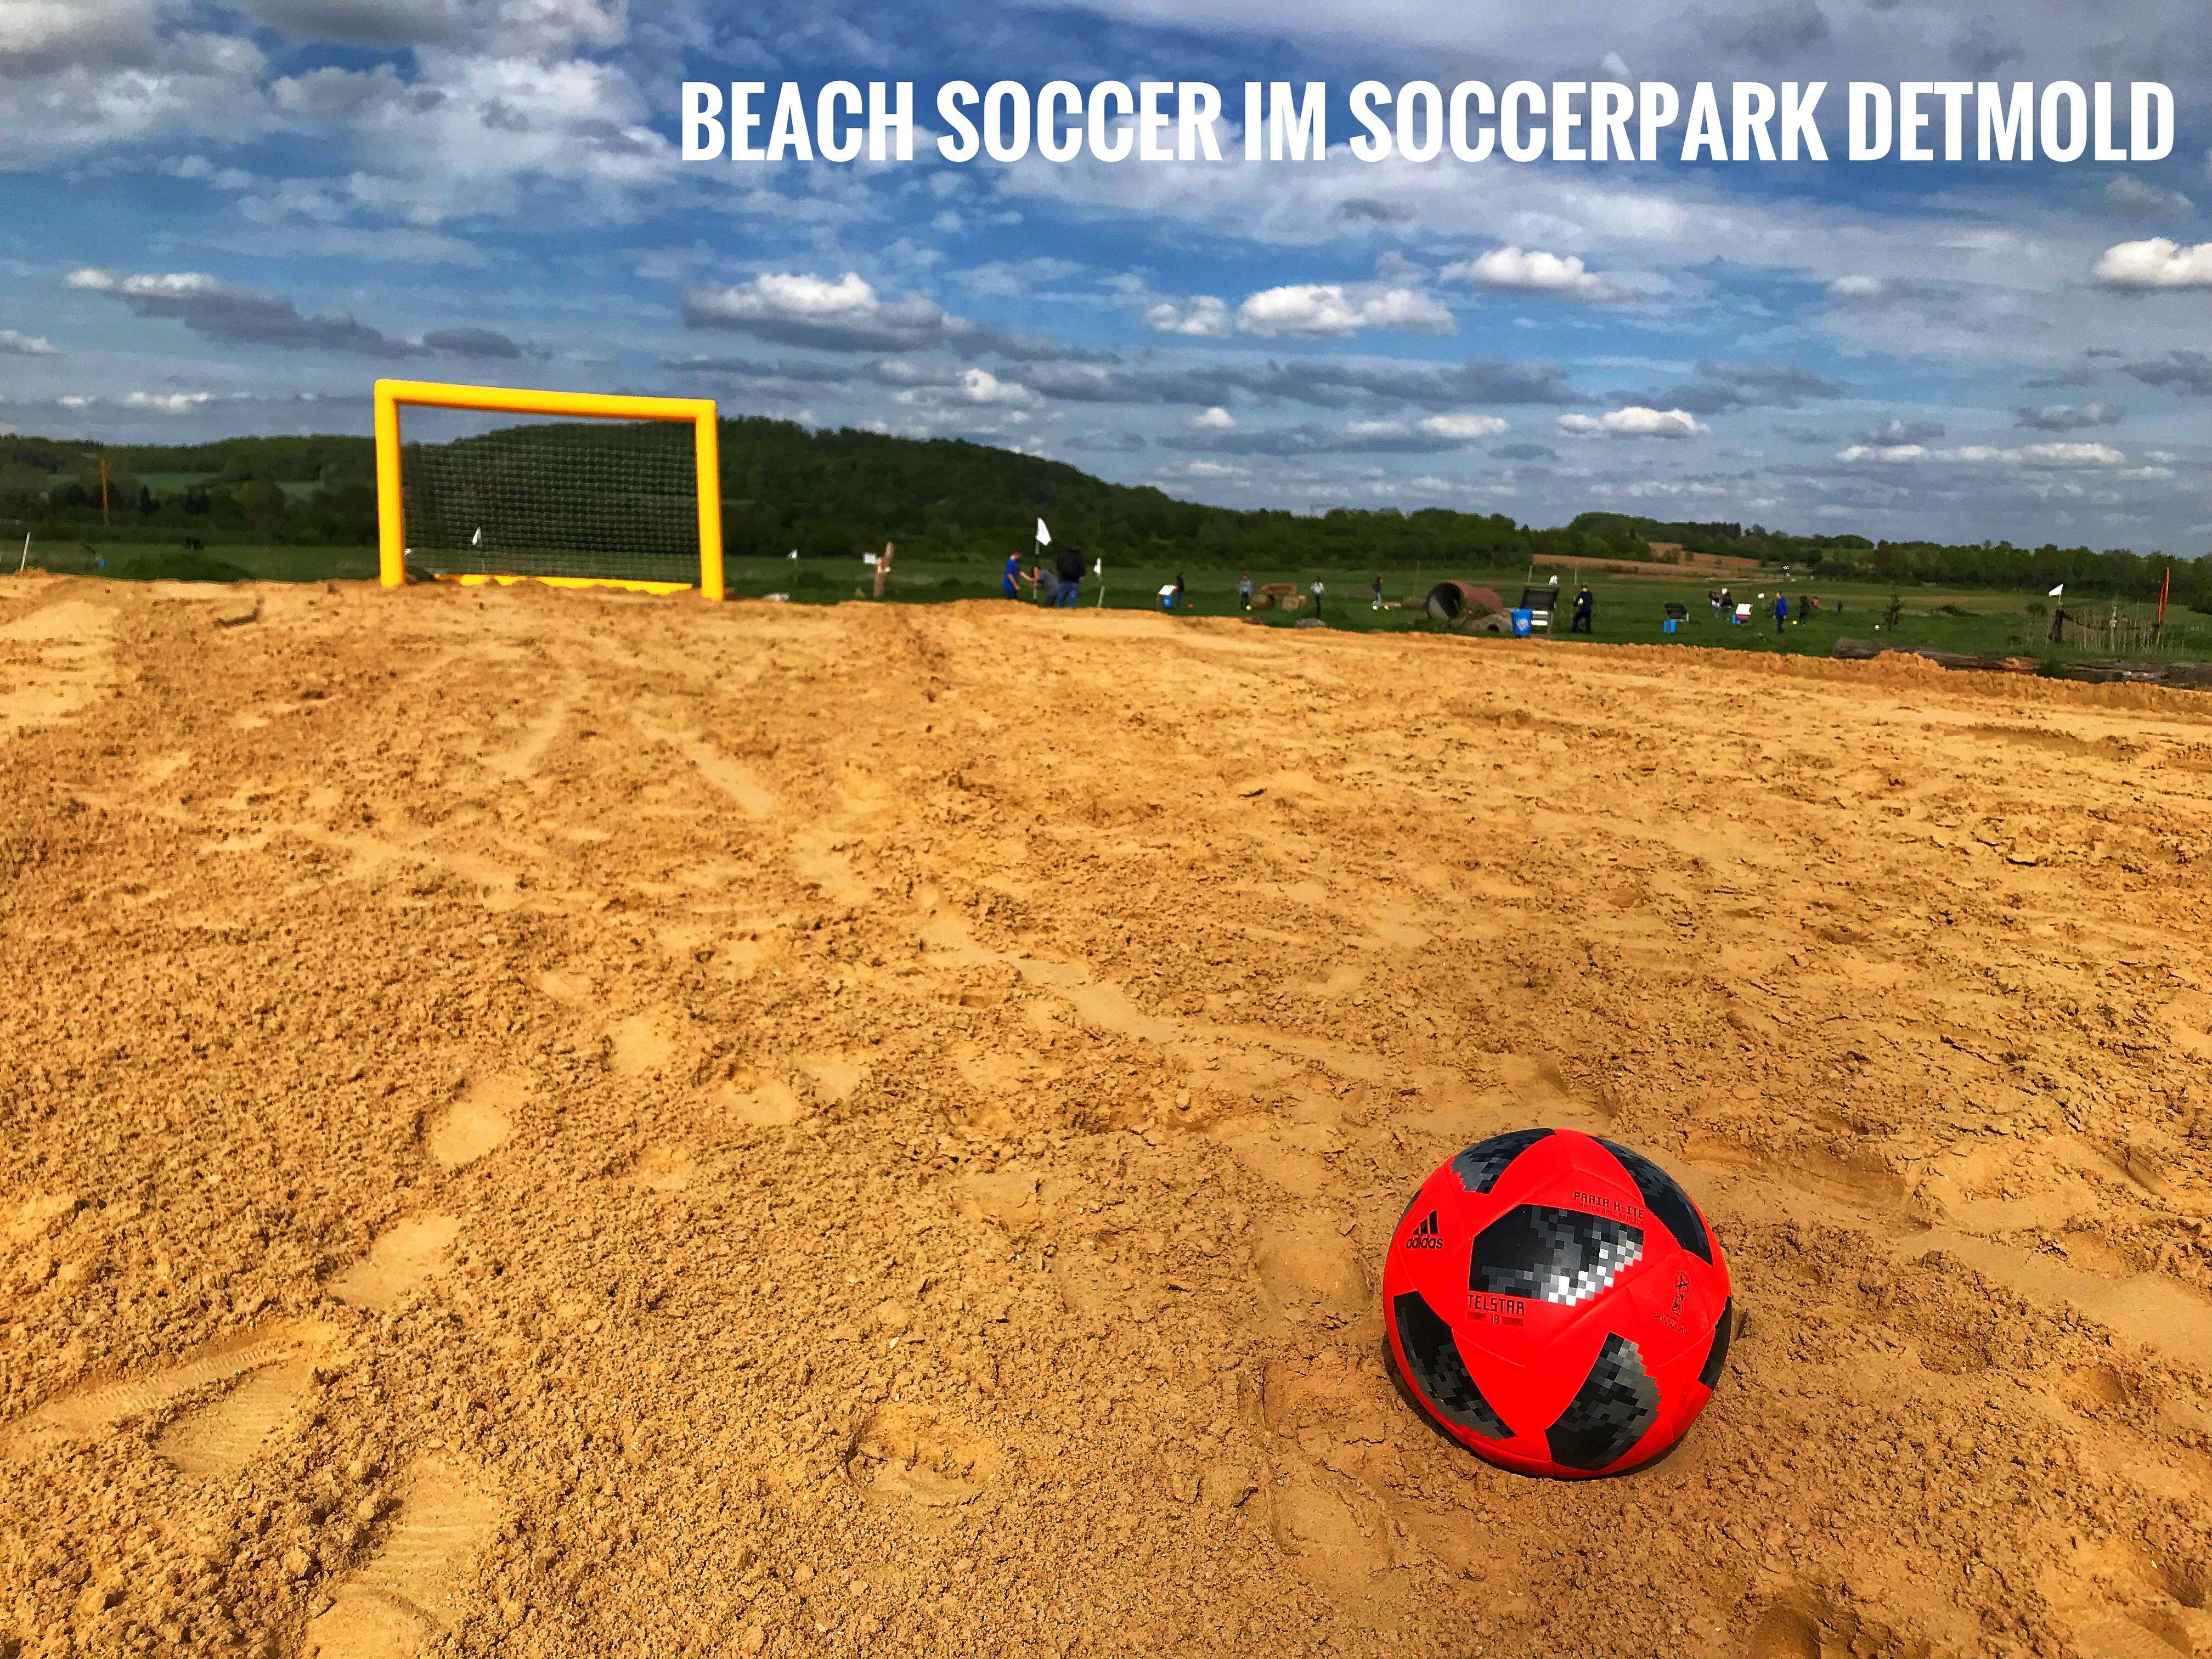 Soccerpark Detmold Beachsoccer